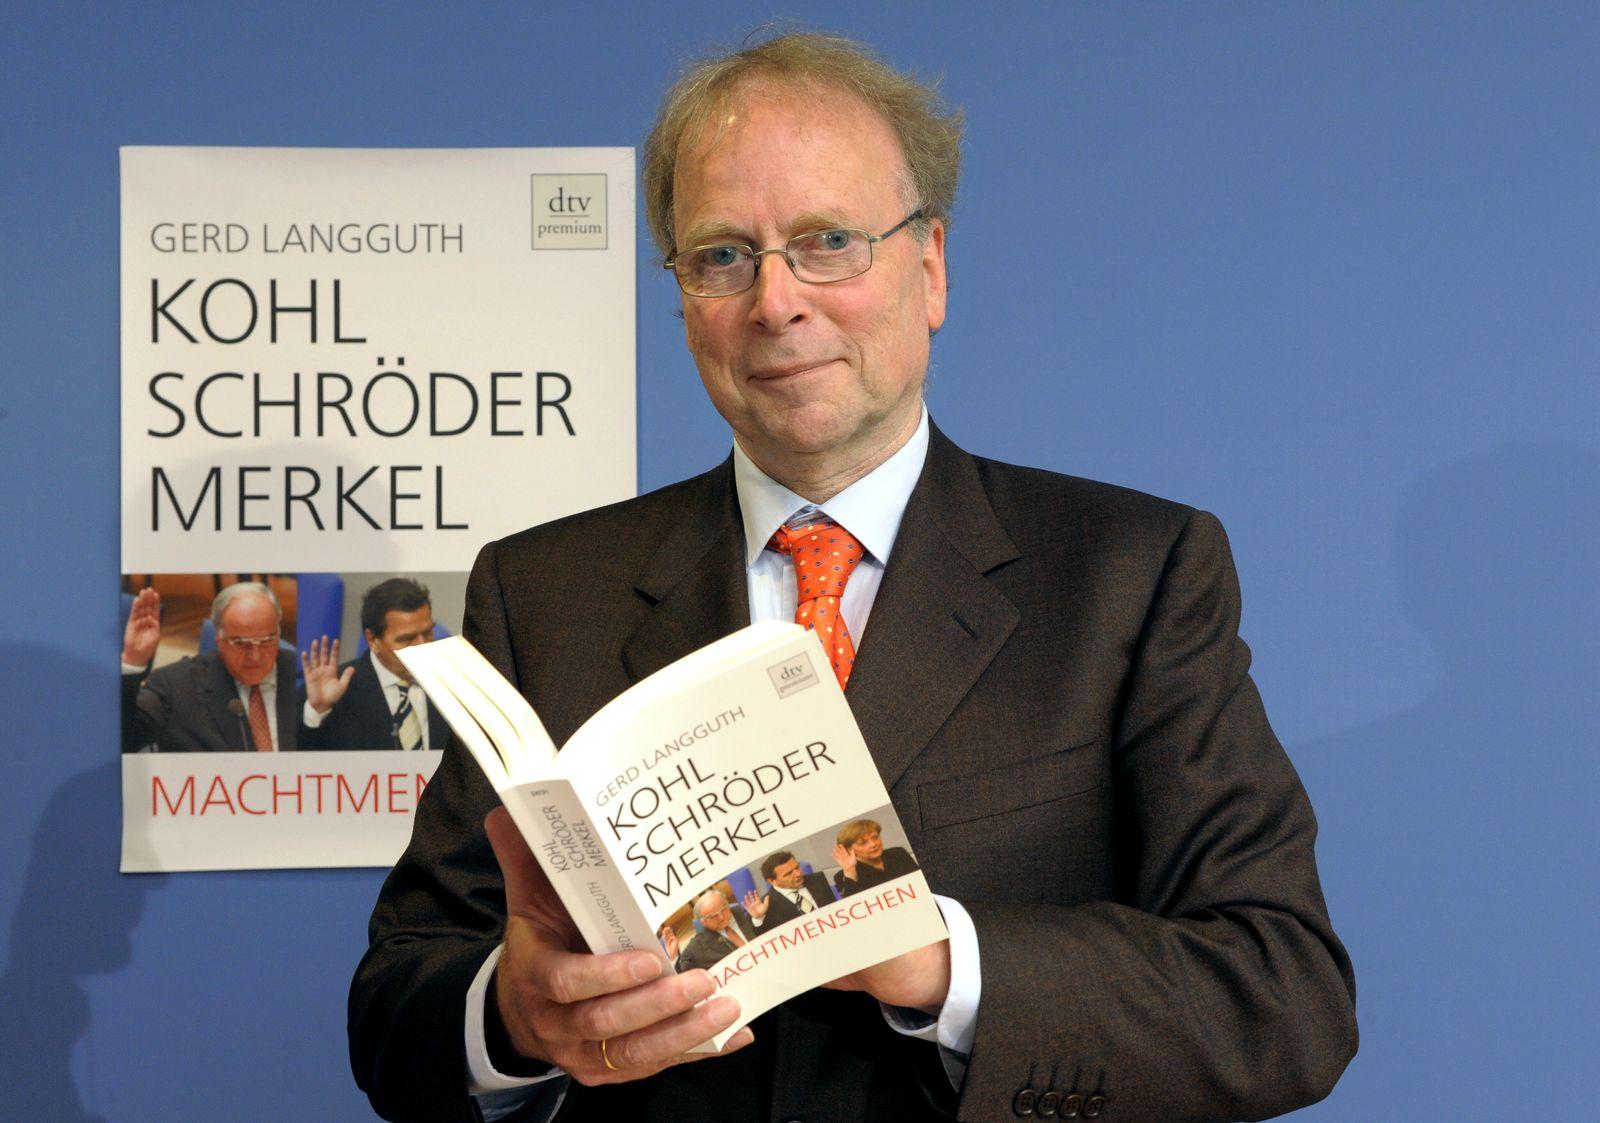 Gerd Langguth